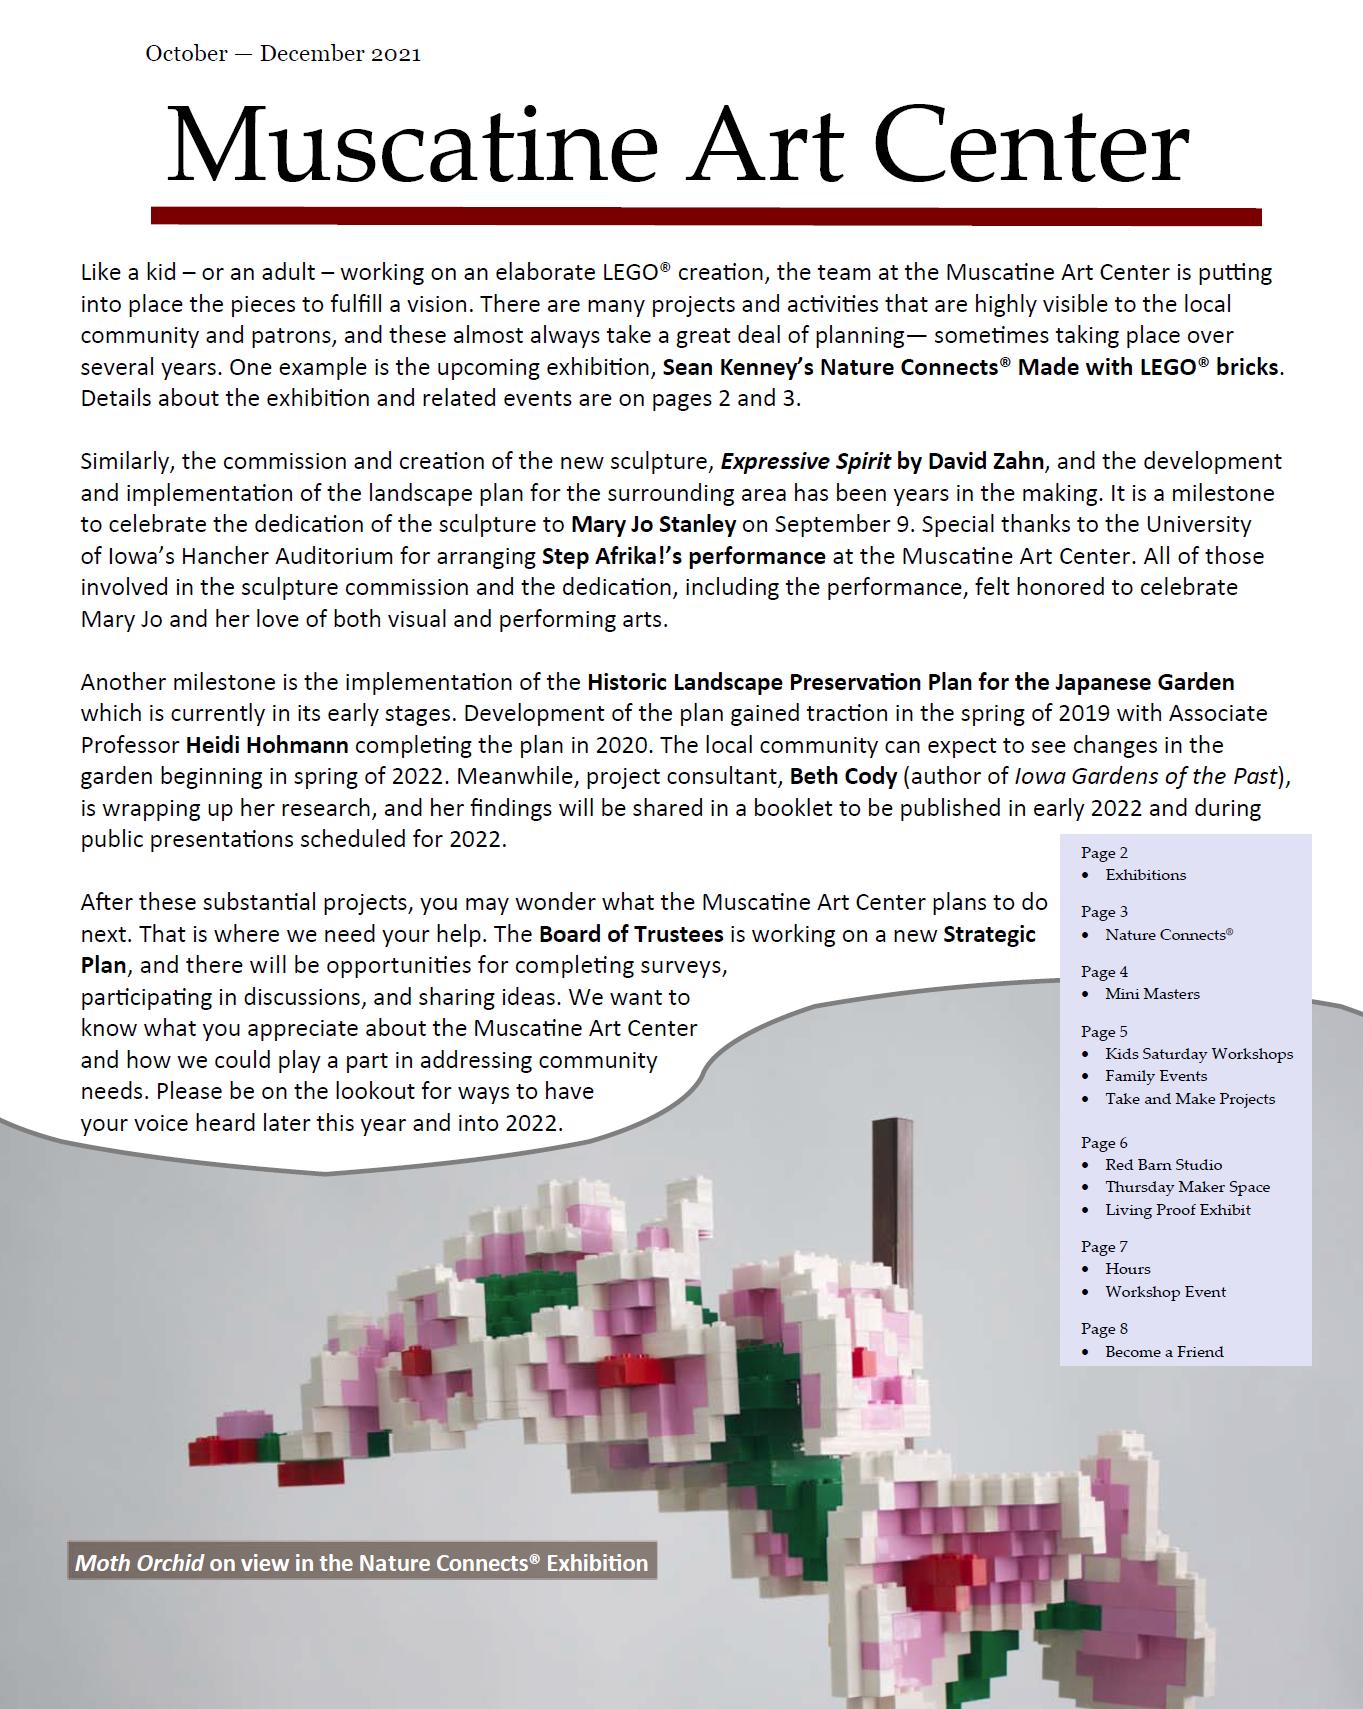 October - November - December Quarterly Newsletter Image